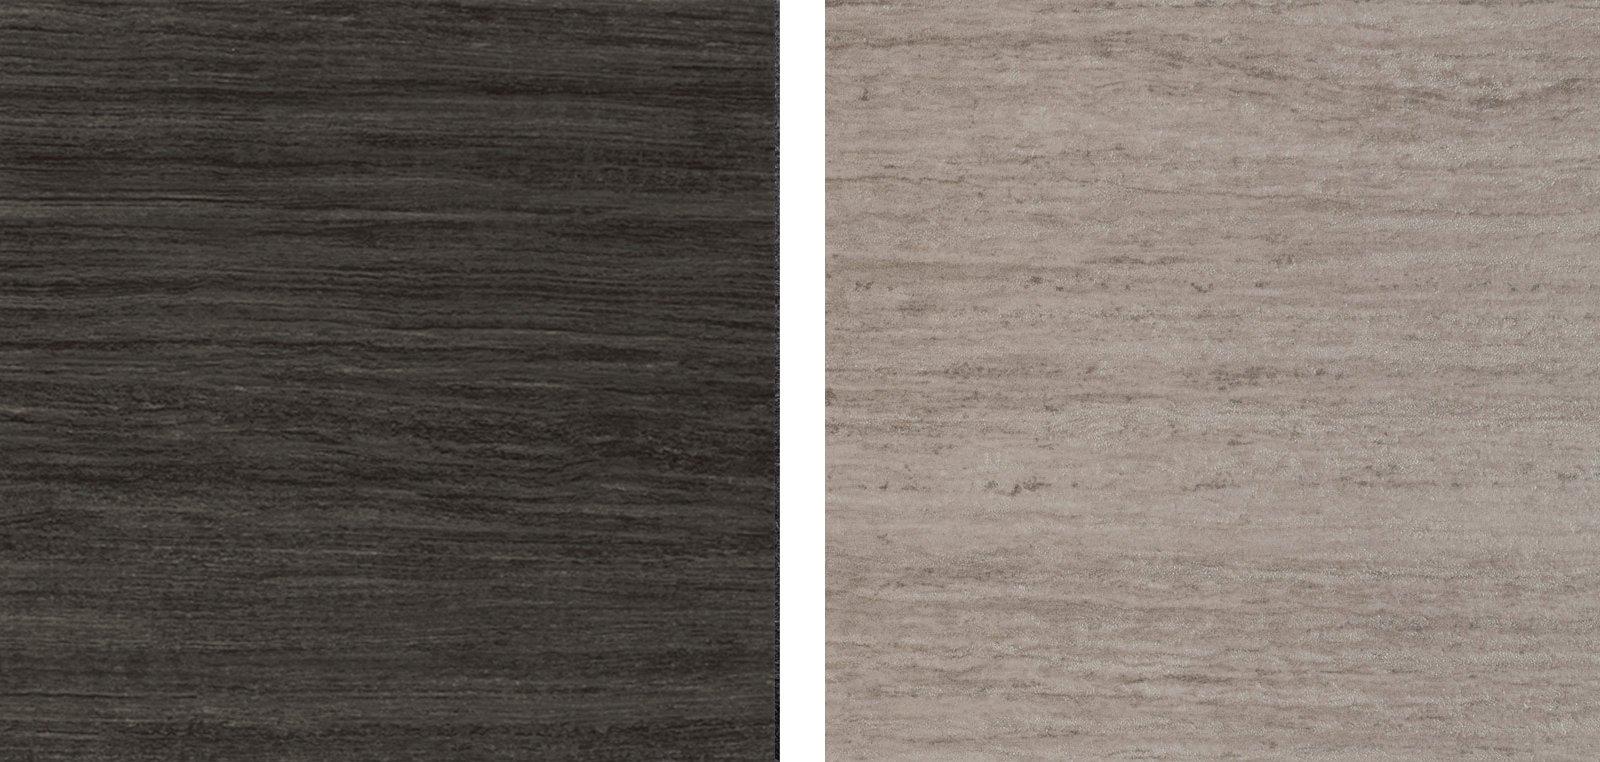 Cucina materiali che migliorano nel tempo cose di casa - Piastrelle spessore 3 mm ...